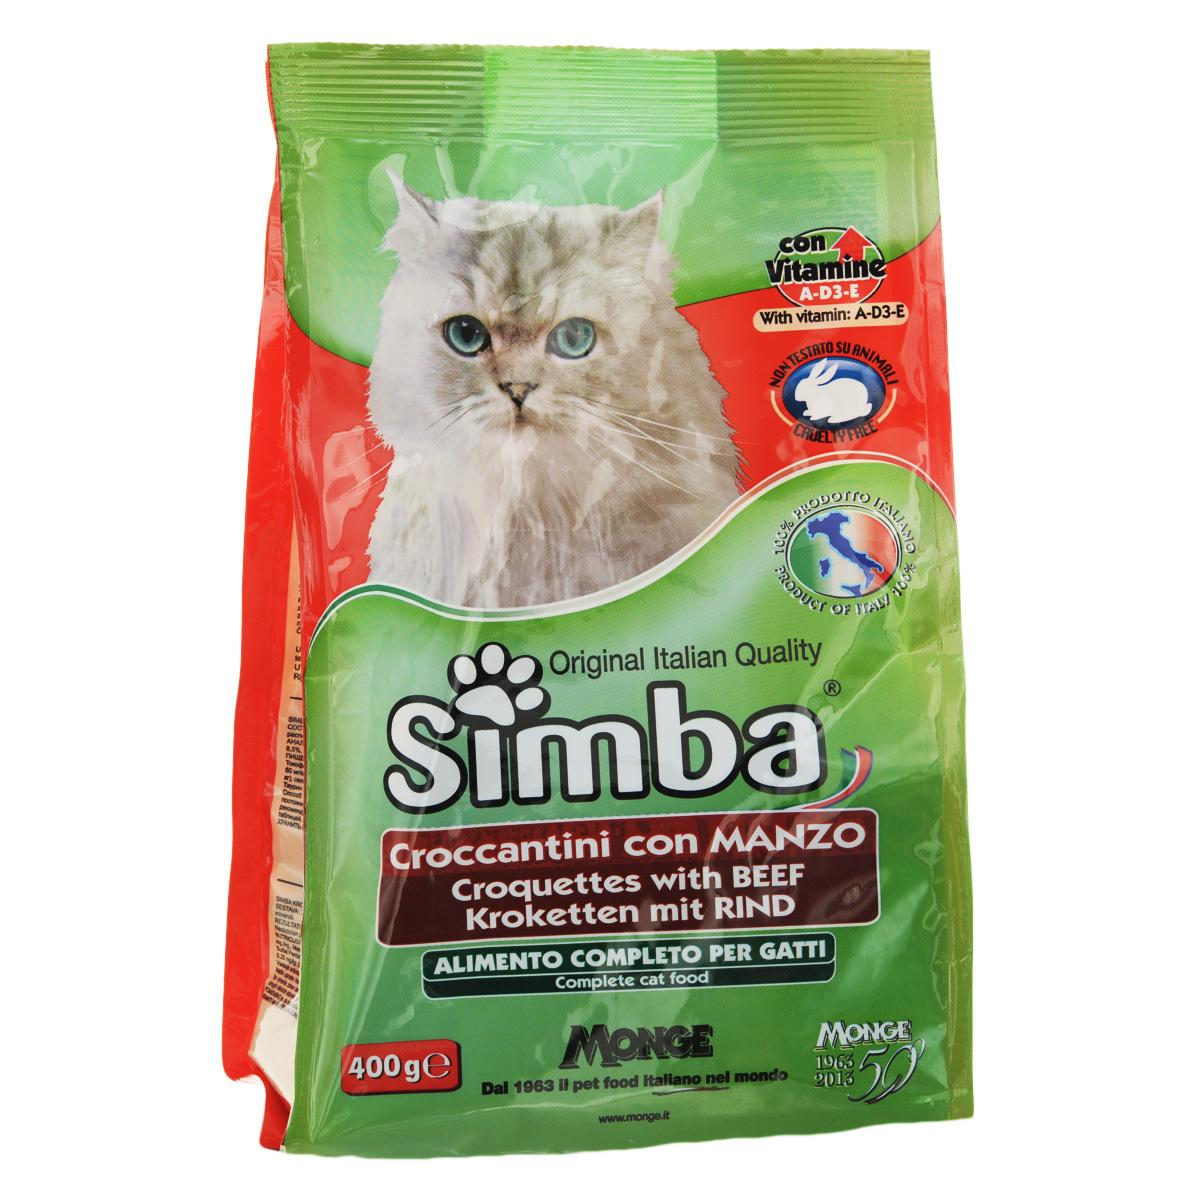 Корм сухой Monge Simba для взрослых кошек, с говядиной, 400 г70016001Сухой корм Monge Simba - это полноценный корм для кошек с витаминами A, D3, E, которые способствуют укреплению здоровья и отличного состояния животных. Оптимальное содержание белка гарантируется наличием говяжьего мяса. Состав: злаки, мясо и мясопродукты (говядина мин. 5%), побочные продукты растительного происхождения, масла и жиры, витамины, минеральные вещества. Анализ компонентов: белок 21%, масла и жиры 11%, сырая клетчатка 2,5%, сырая зола 8,5%. Витамины и добавки на 1 кг: витамин А 11 500 МЕ, витамин D3 800 МЕ, витамин Е 80 мг, сульфат марганца 43 мг (марганец 15 мг), оксид цинка 90 мг (цинк 60 мг), сульфат меди 22 мг (медь 5,5 мг), сульфат железа 150 мг (железо 50 мг), селенит натрия 0,20 мг (селен 0,09 мг), йодат кальция 1,15 мг (йод 0,7 мг), таурин 500 мг, антиоксиданты ЕЭС. Товар сертифицирован.